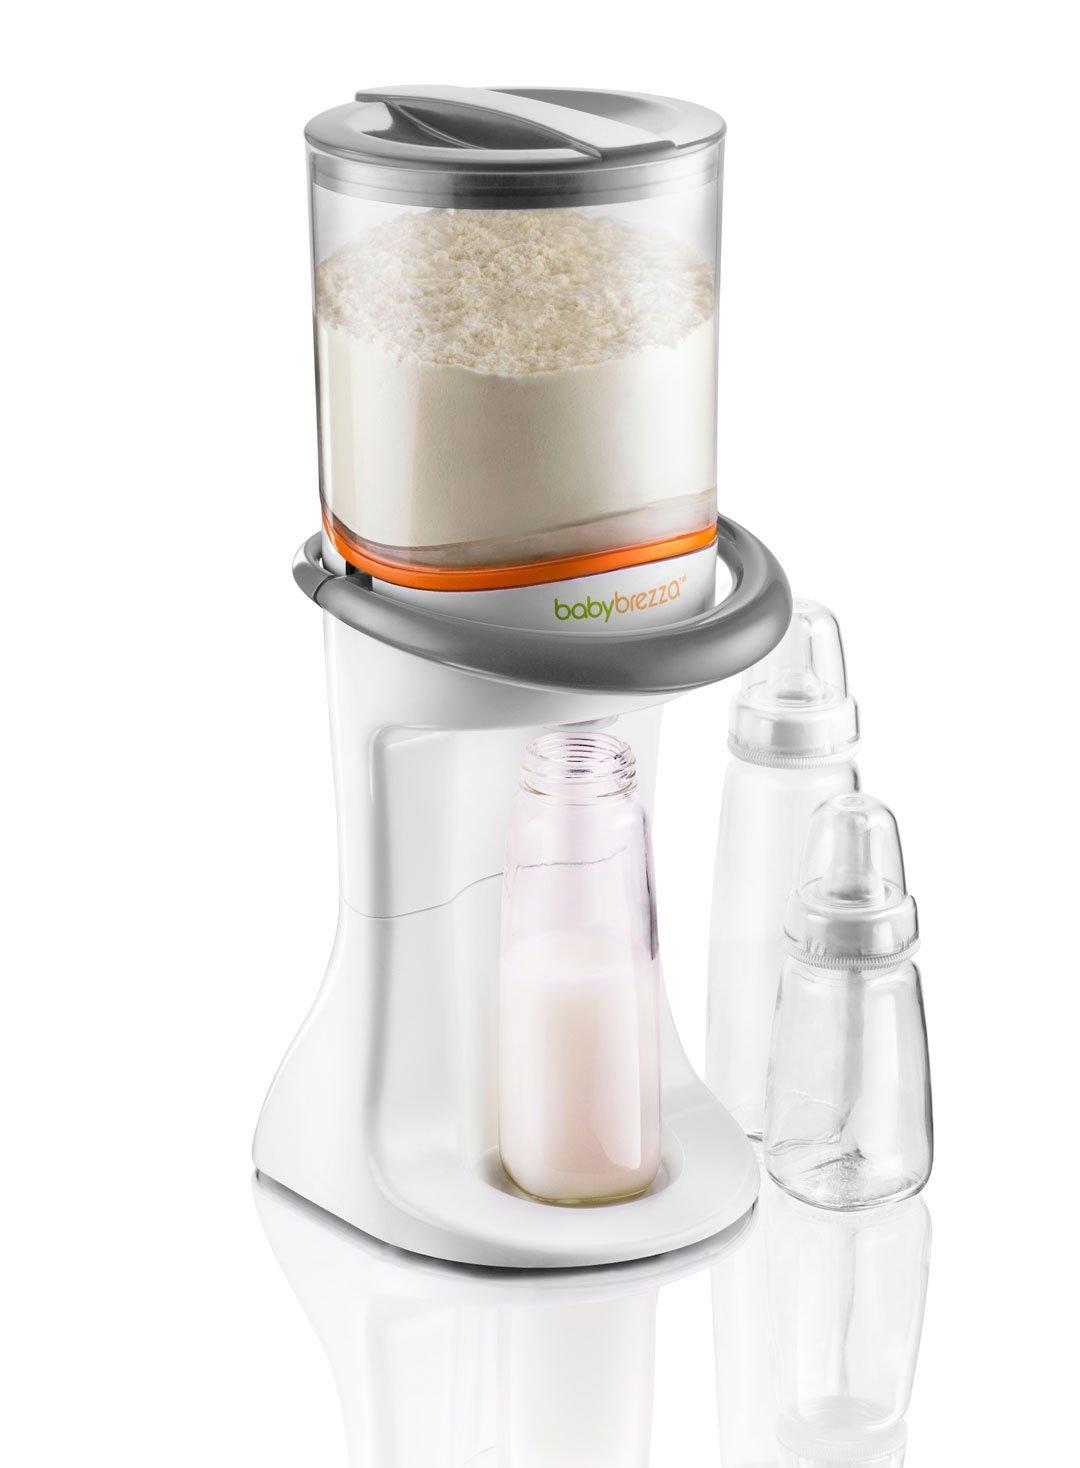 Baby Brezza Perfect Measure Formula Powder Dispenser FRP0035